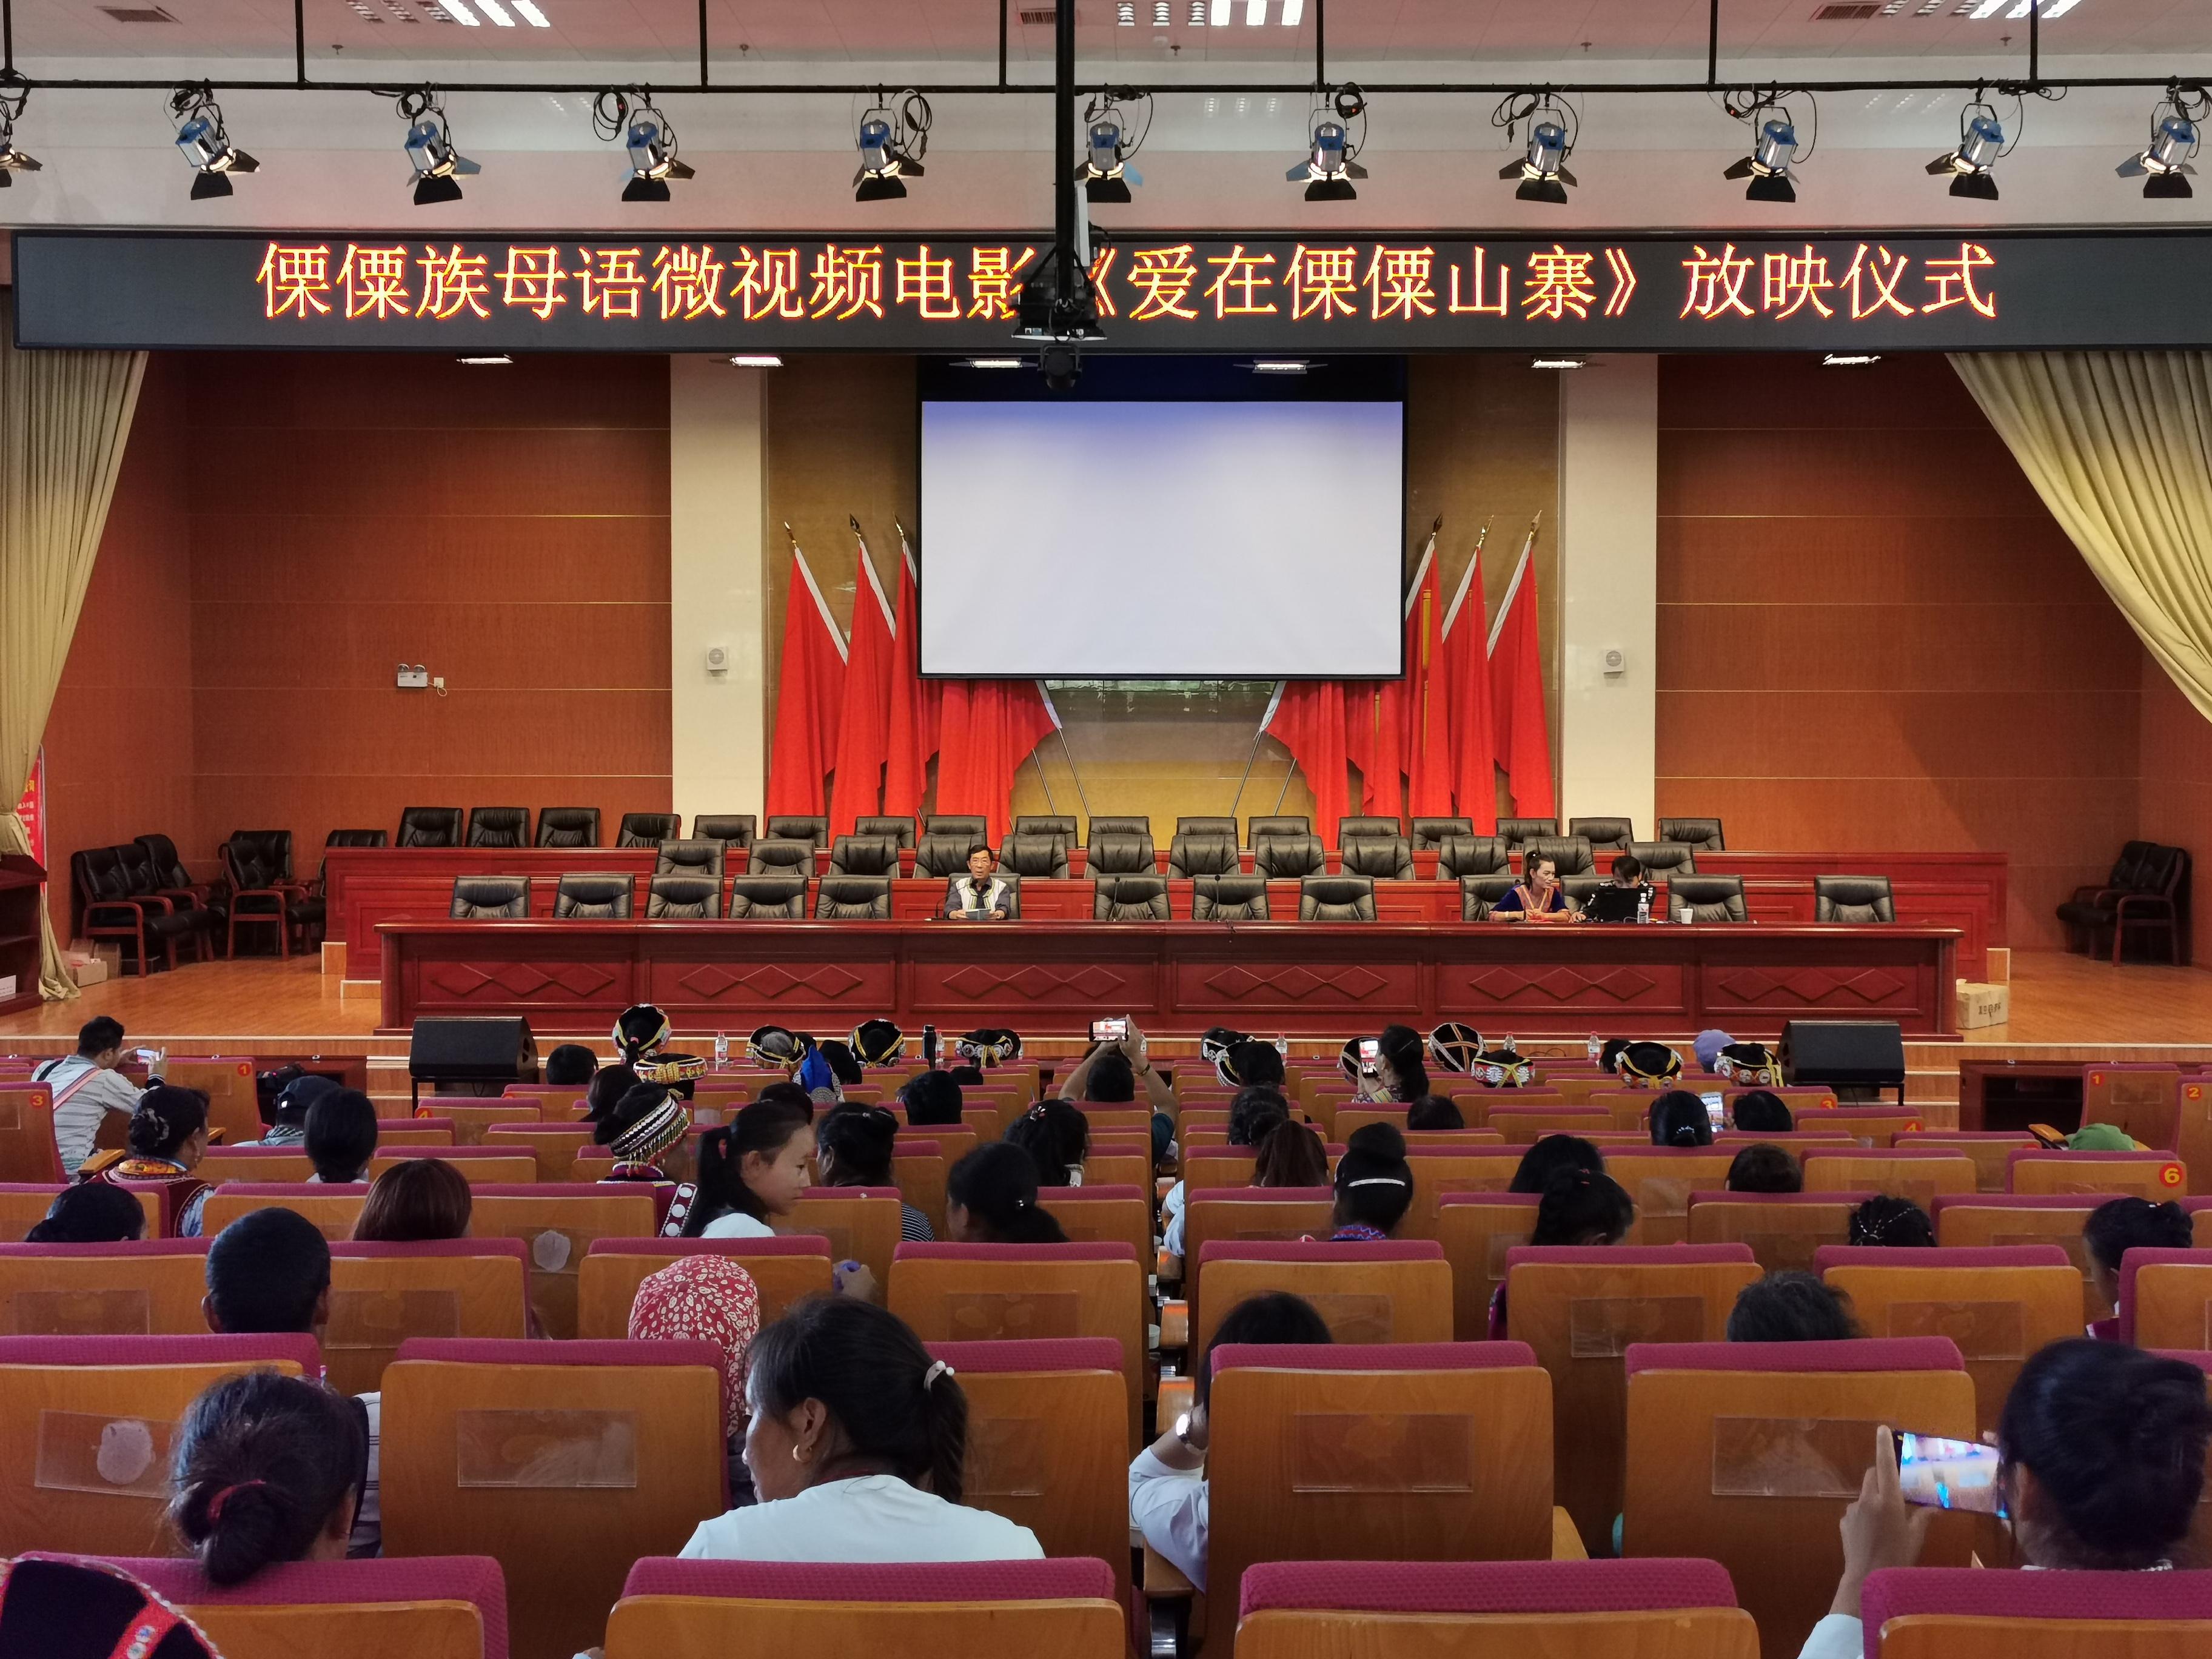 微电影《爱在傈僳山寨》举行放映仪式